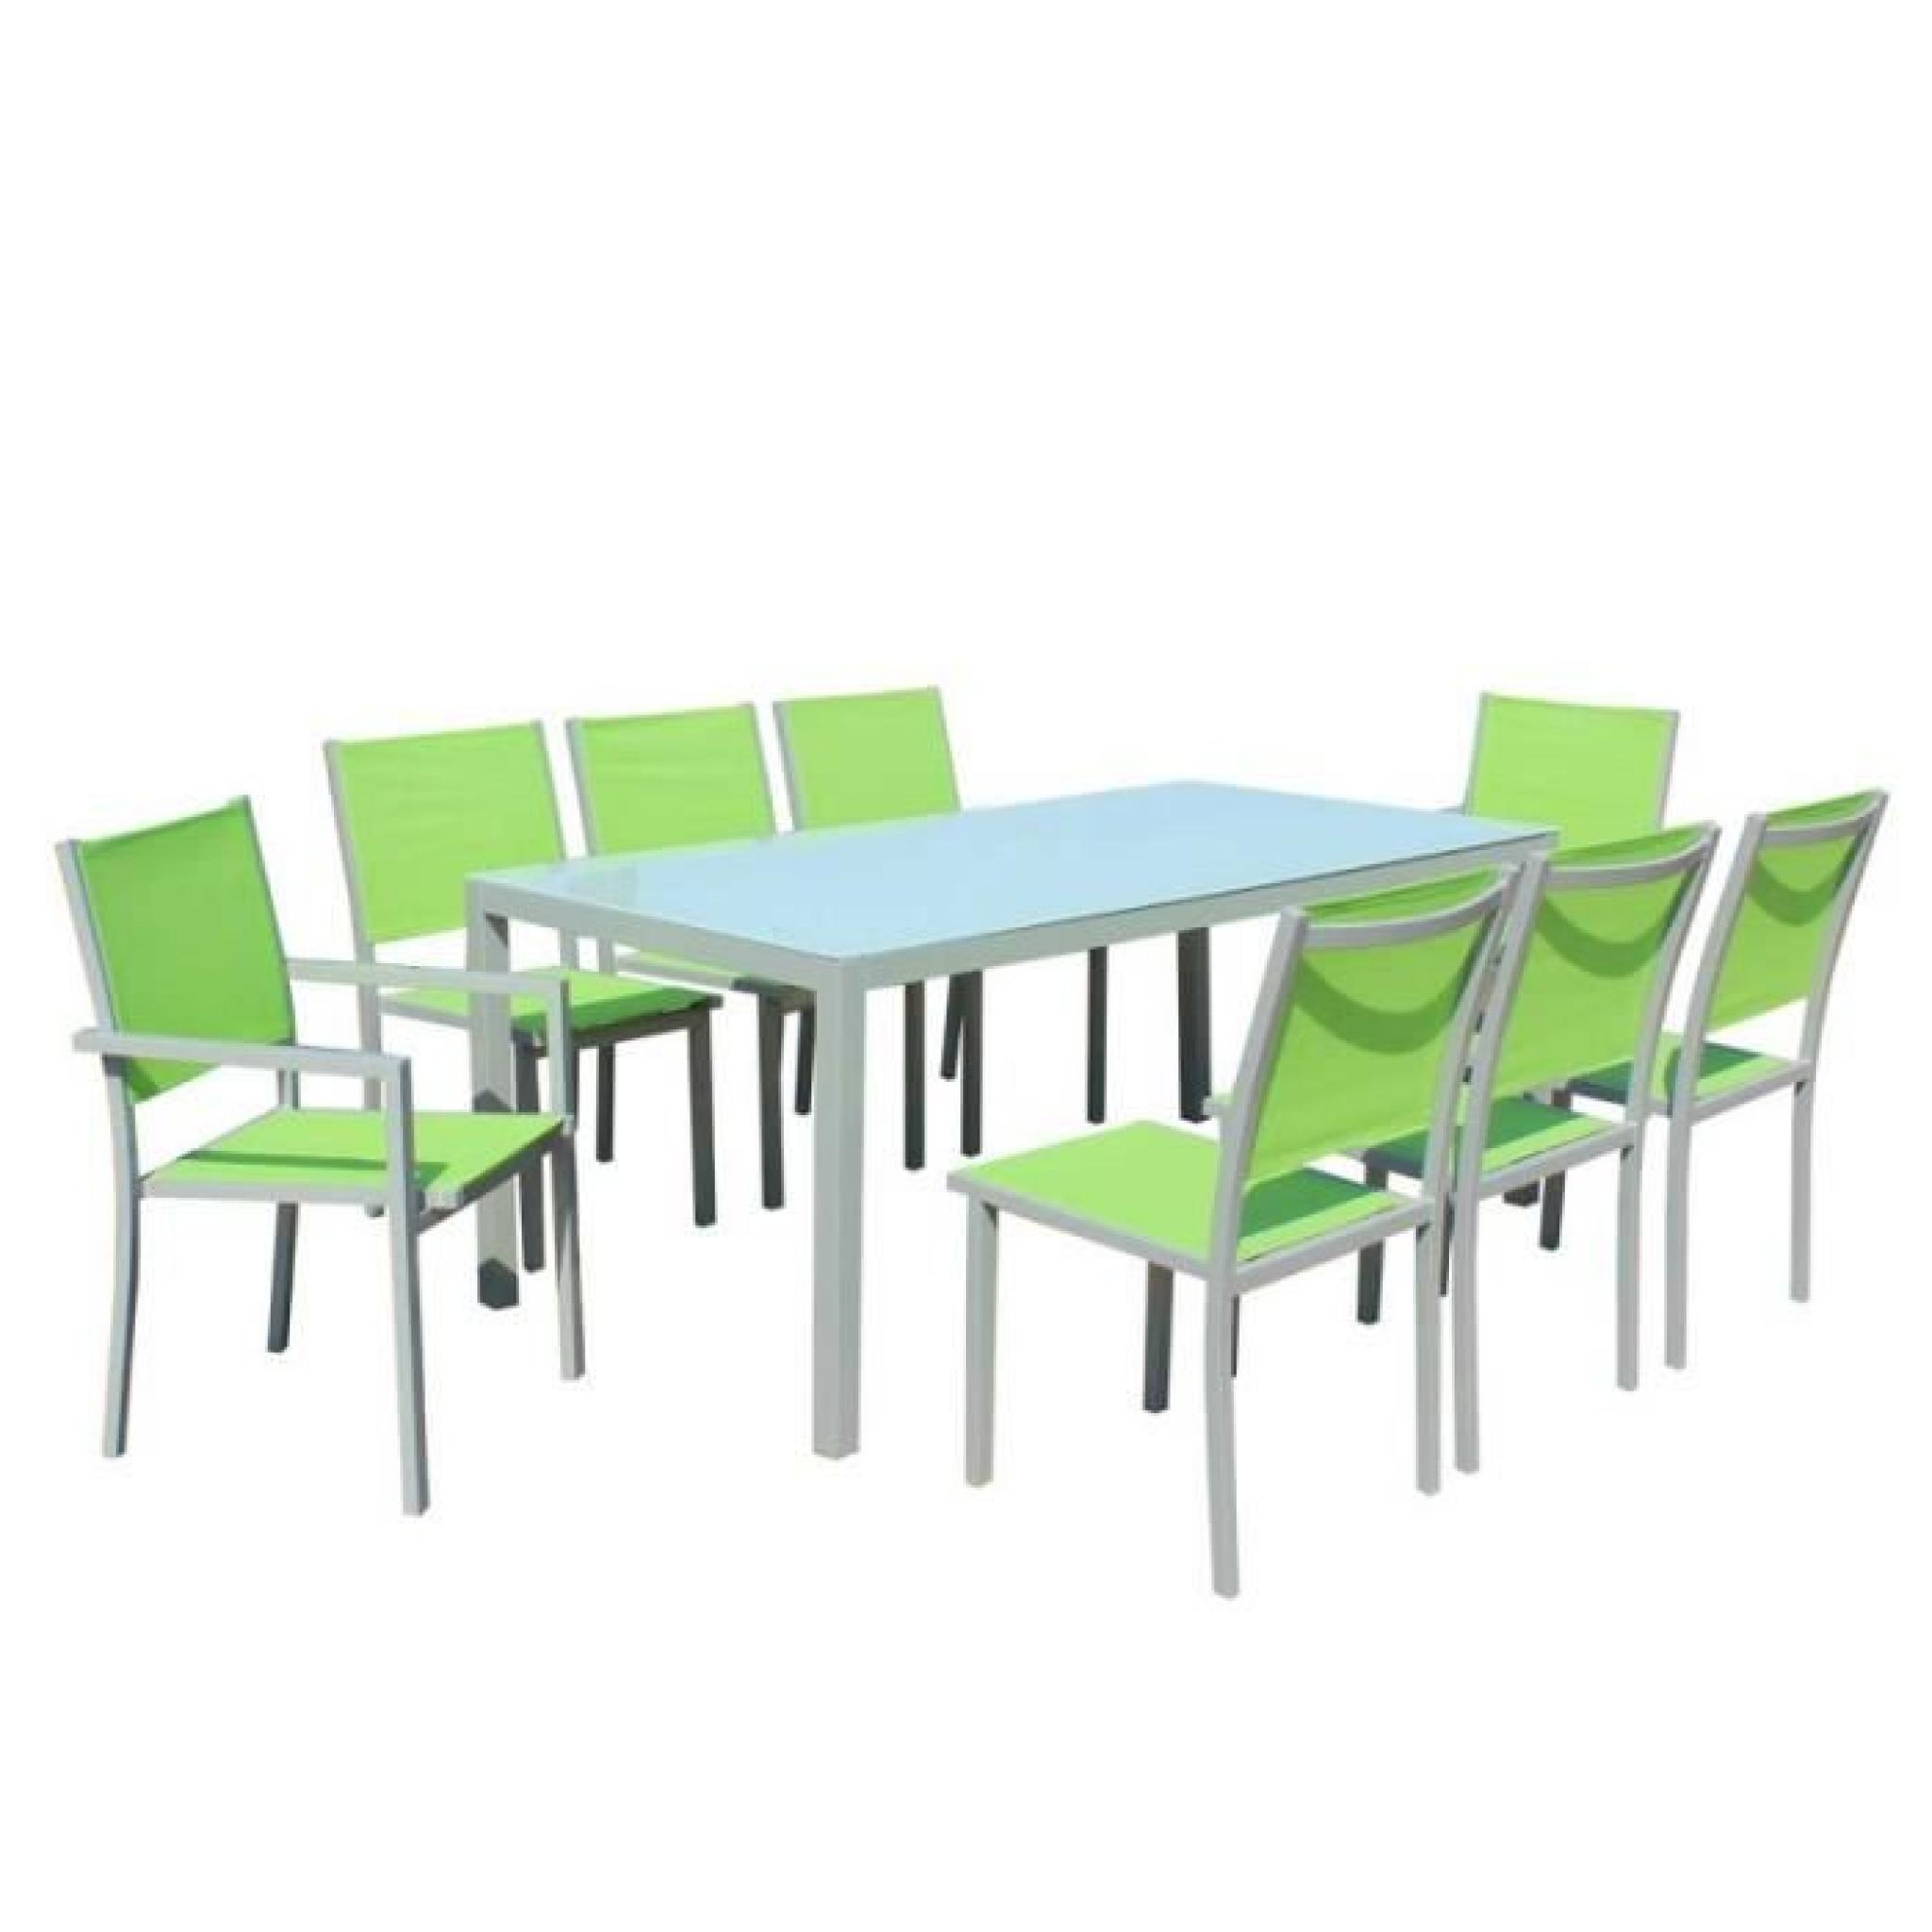 Table Et Chaises De Jardin - 8 Fauteuils Pliants - Aluminium Et Verre avec Salon De Jardin Aluminium Et Verre